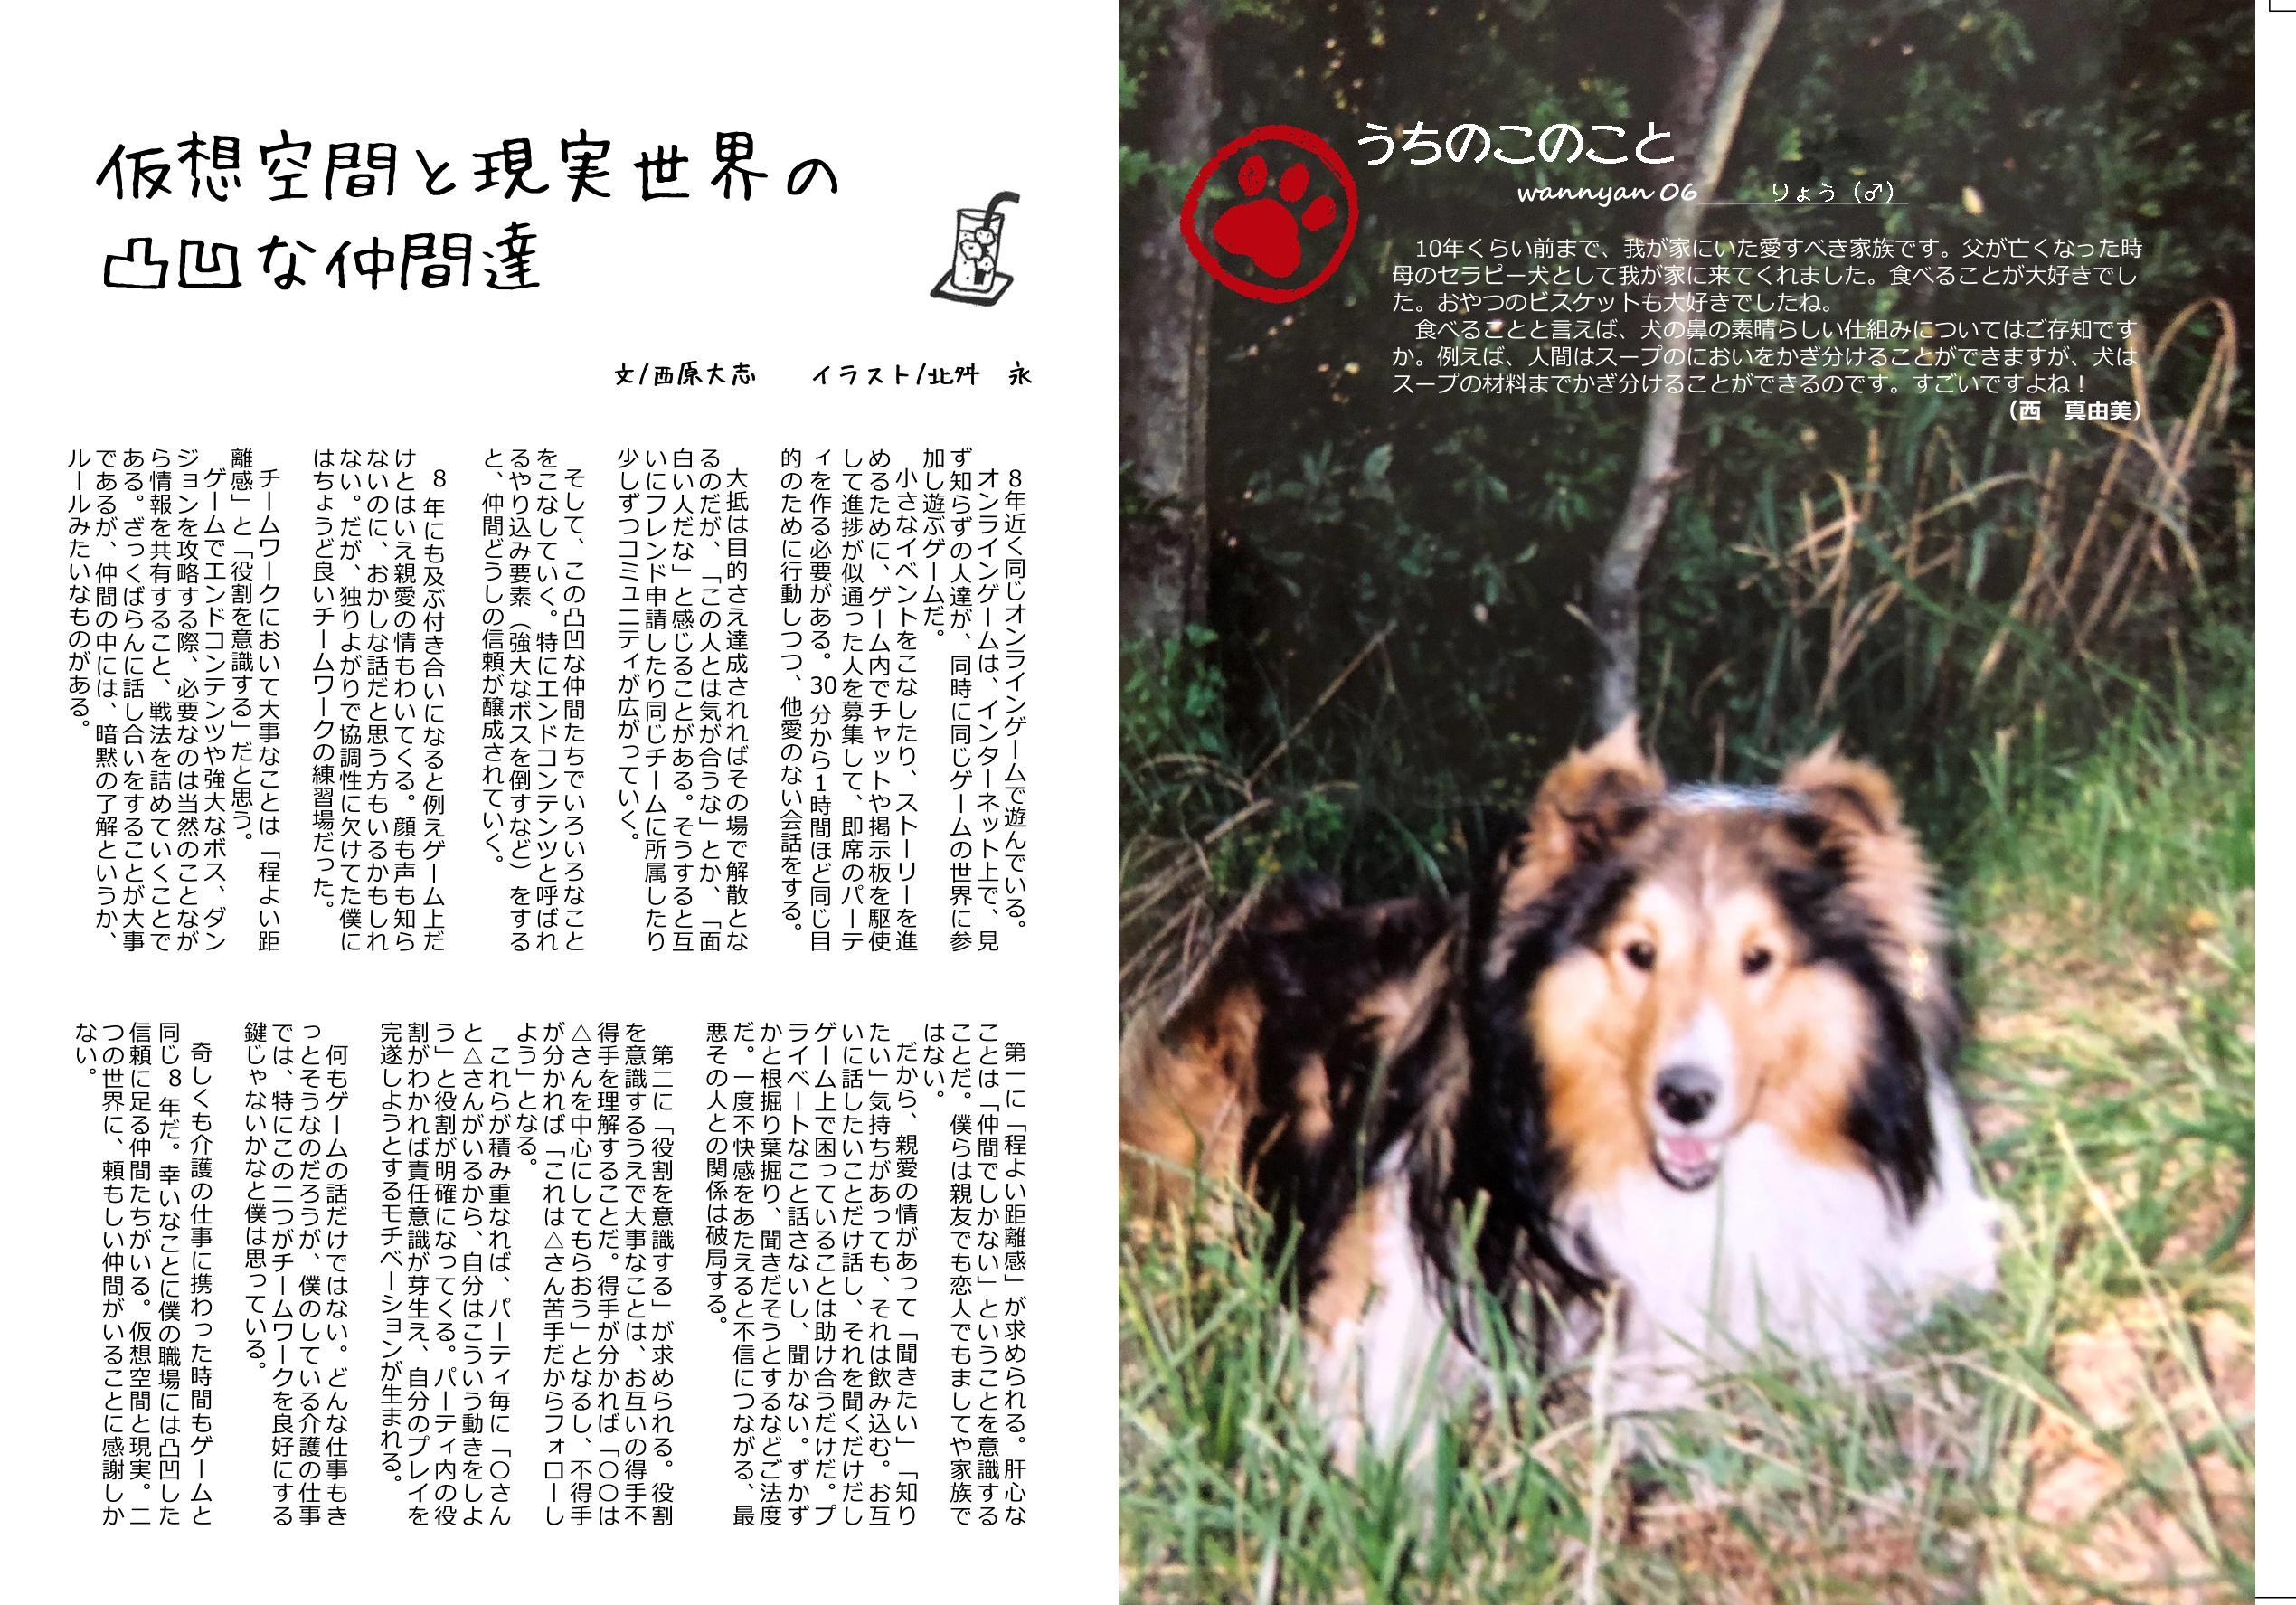 http://fukufukunokai.com/newsletter/images/7%E6%9C%88%E5%8F%B72_cropped_3.jpeg